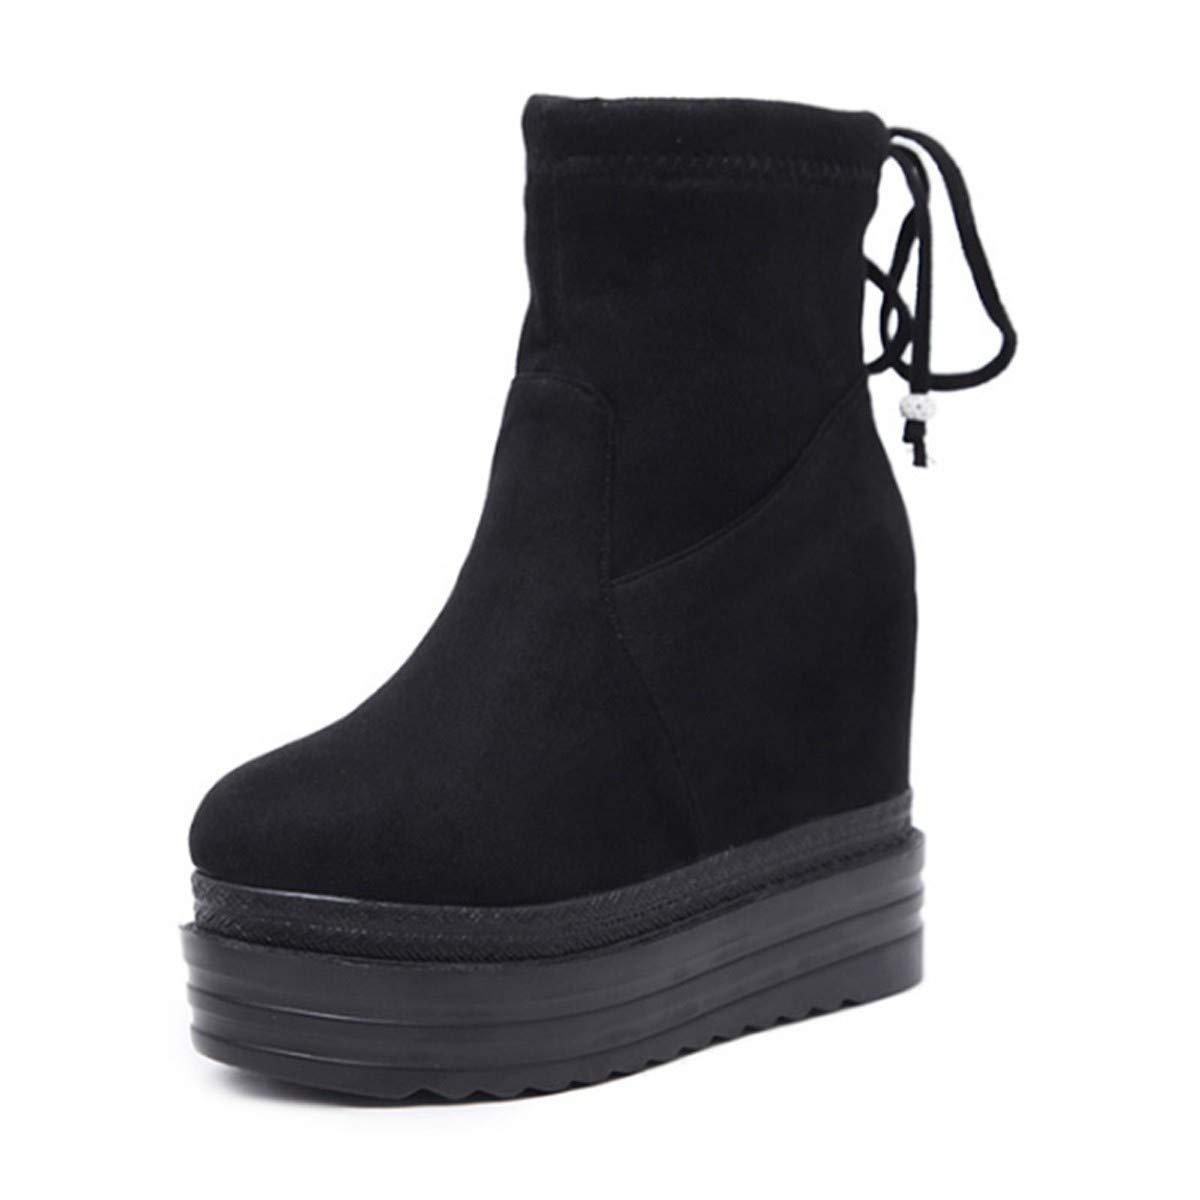 LBTSQ-Hang Bei High-Heel Wasserdicht Muffin-Dicke Boden Schuhe 11Cm Innerer Größe Bogen Knoten Wildleder Lady Stiefel